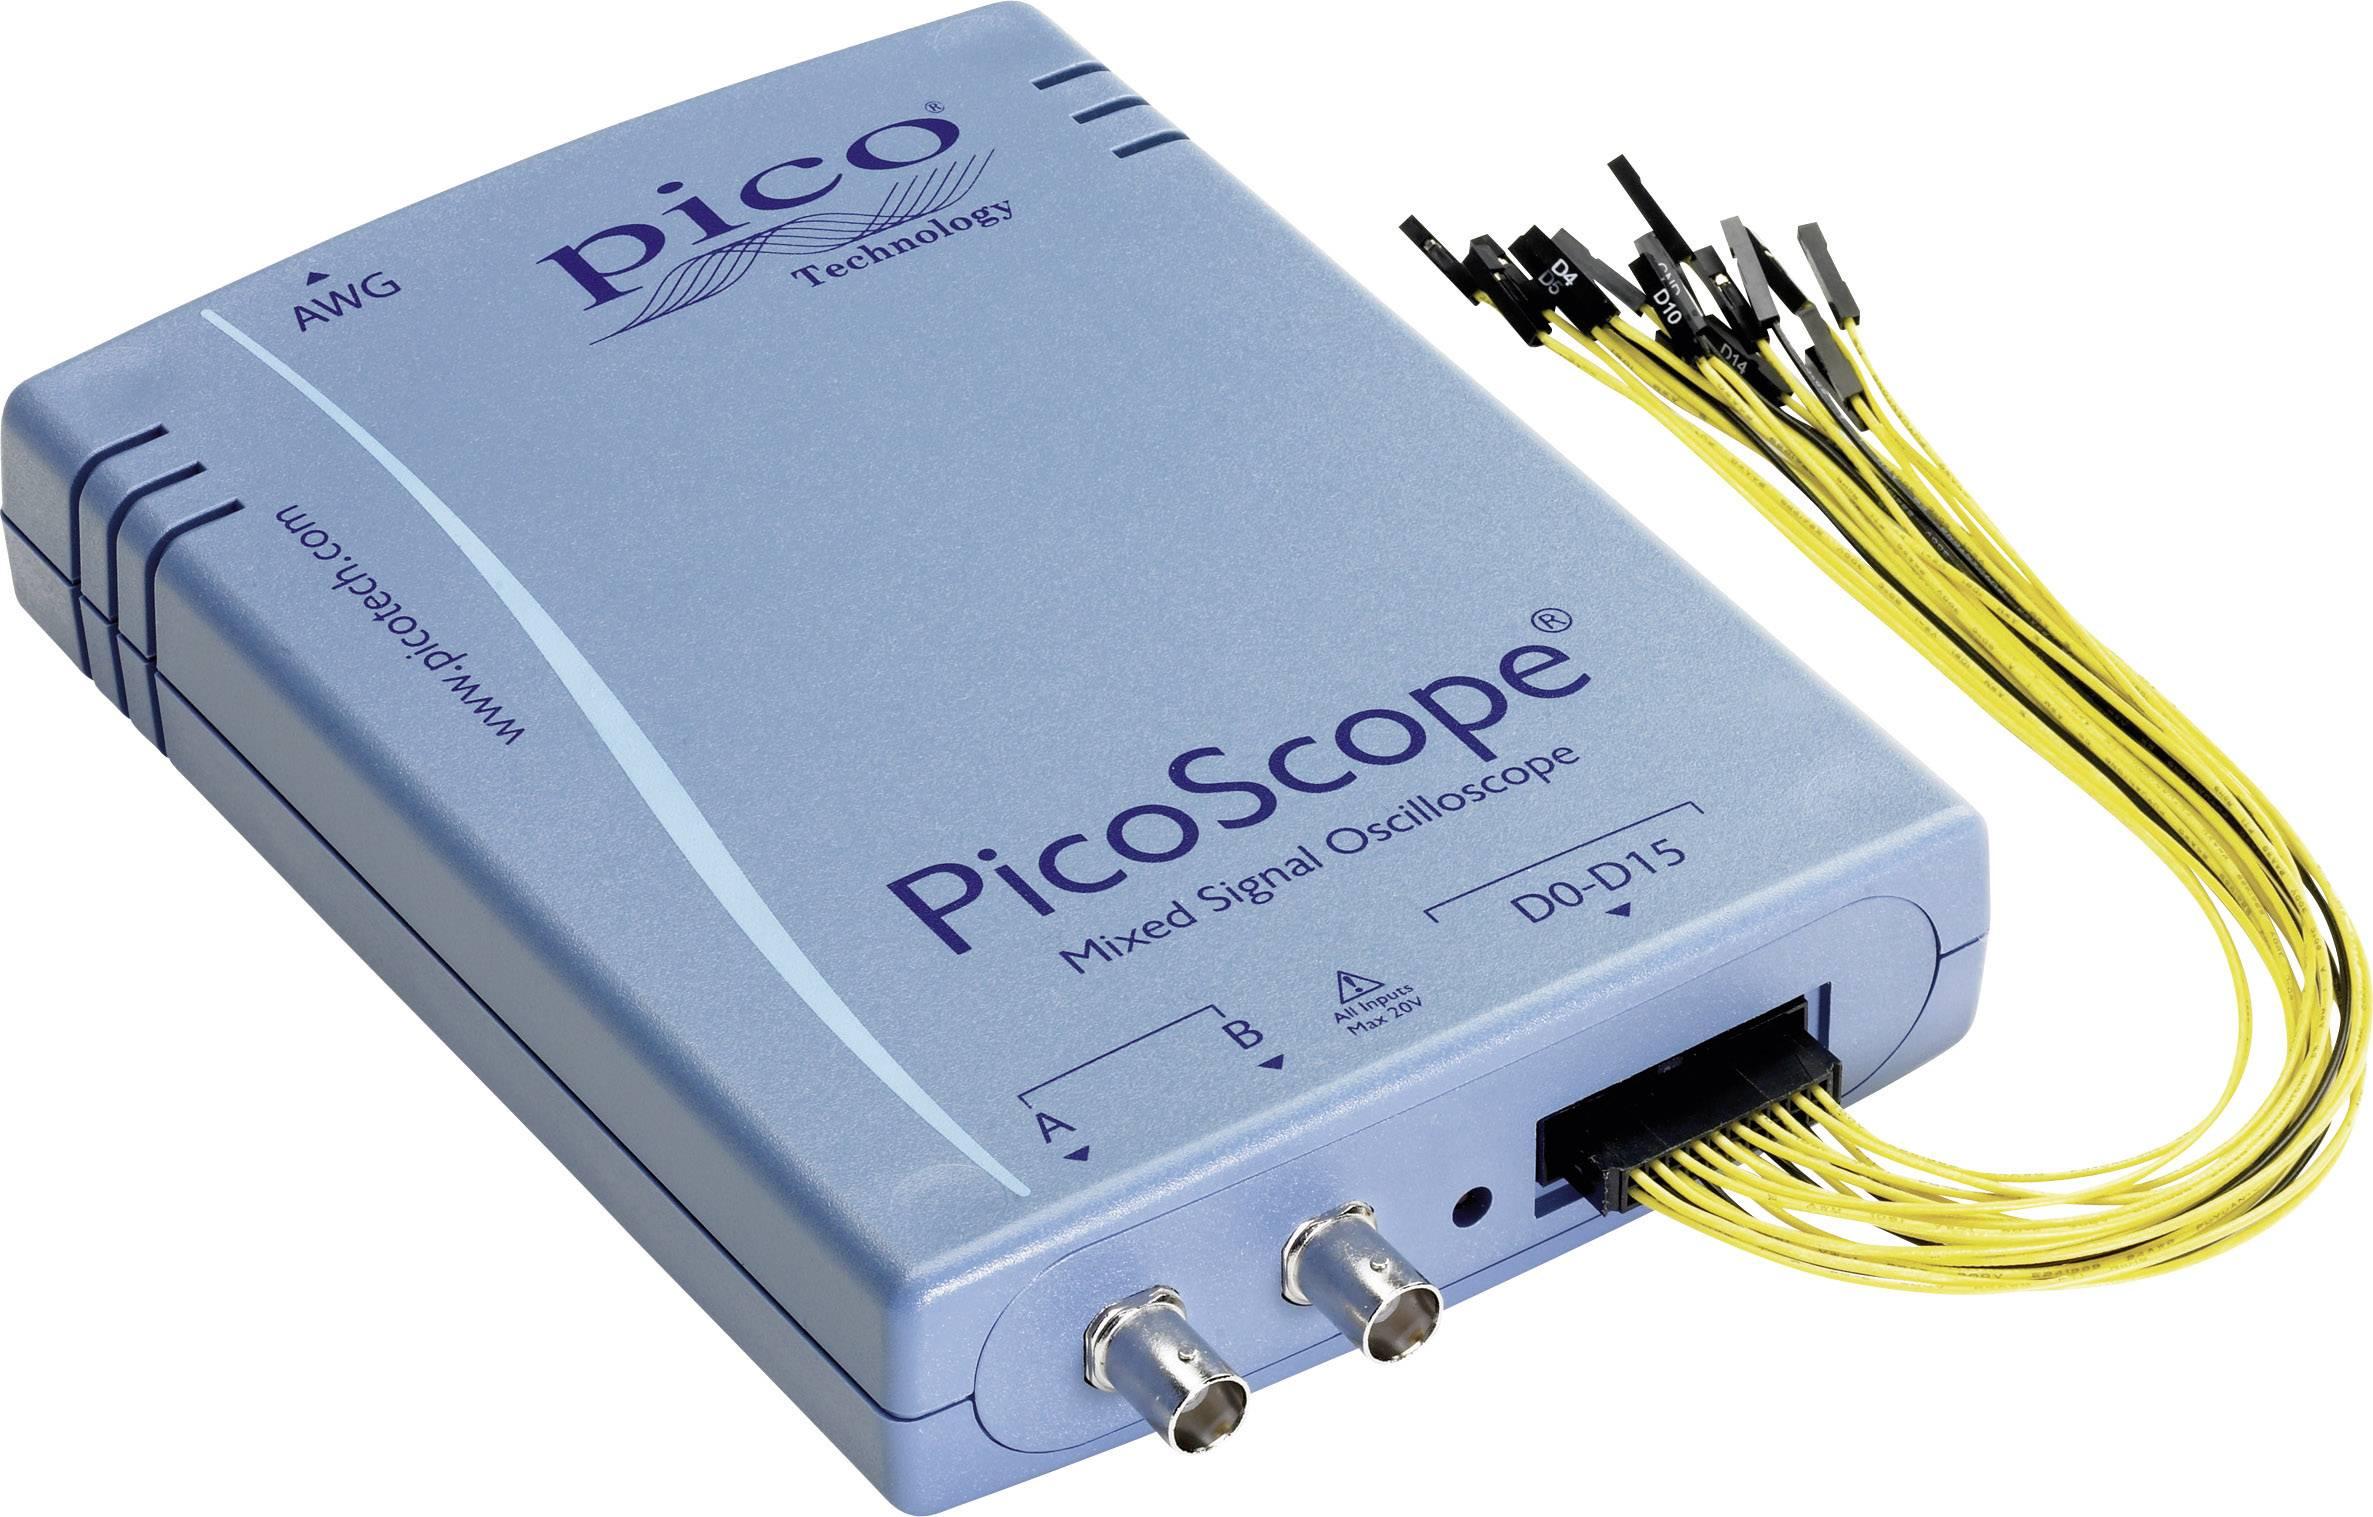 USB, PC osciloskop pico PP861, 200 MHz